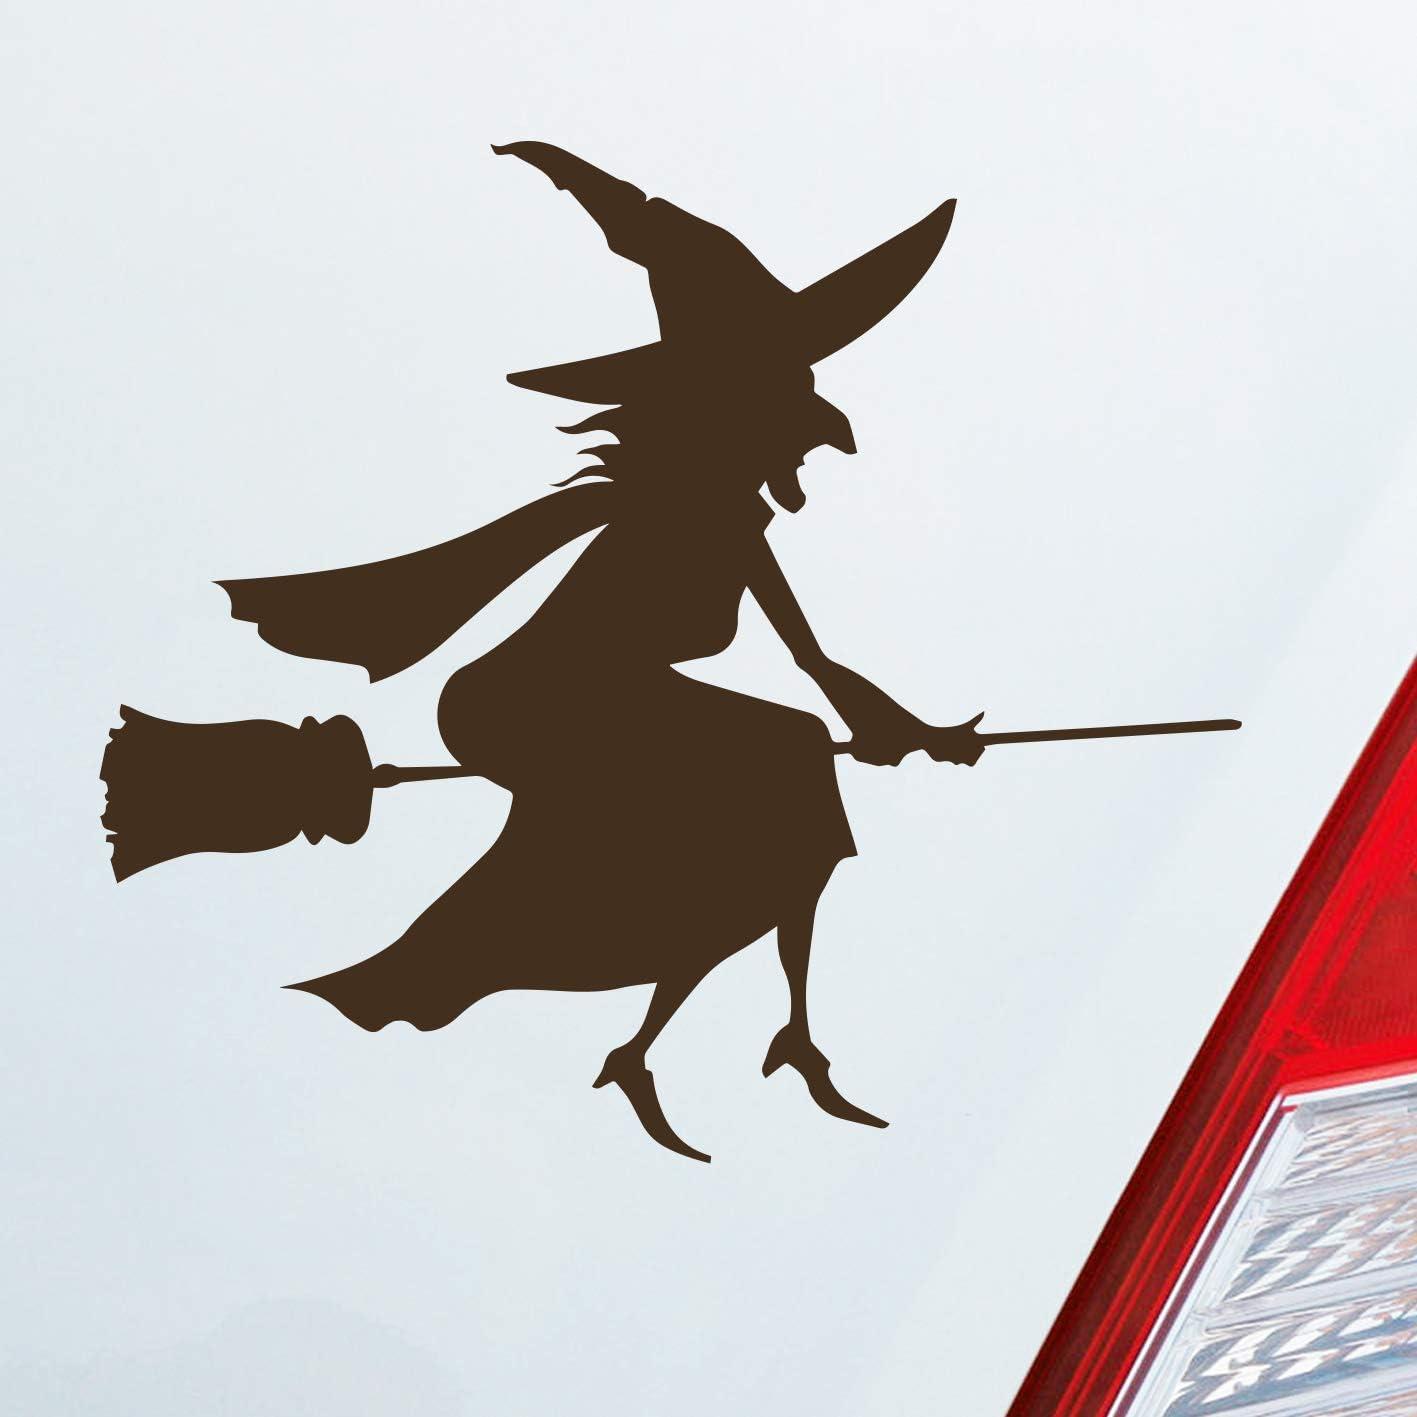 Auto Aufkleber In Deiner Wunschfarbe Hexe Witch Besen Frau Hexerei Fun Dub Oem Jdm 11x10 Cm Autoaufkleber Sticker Auto